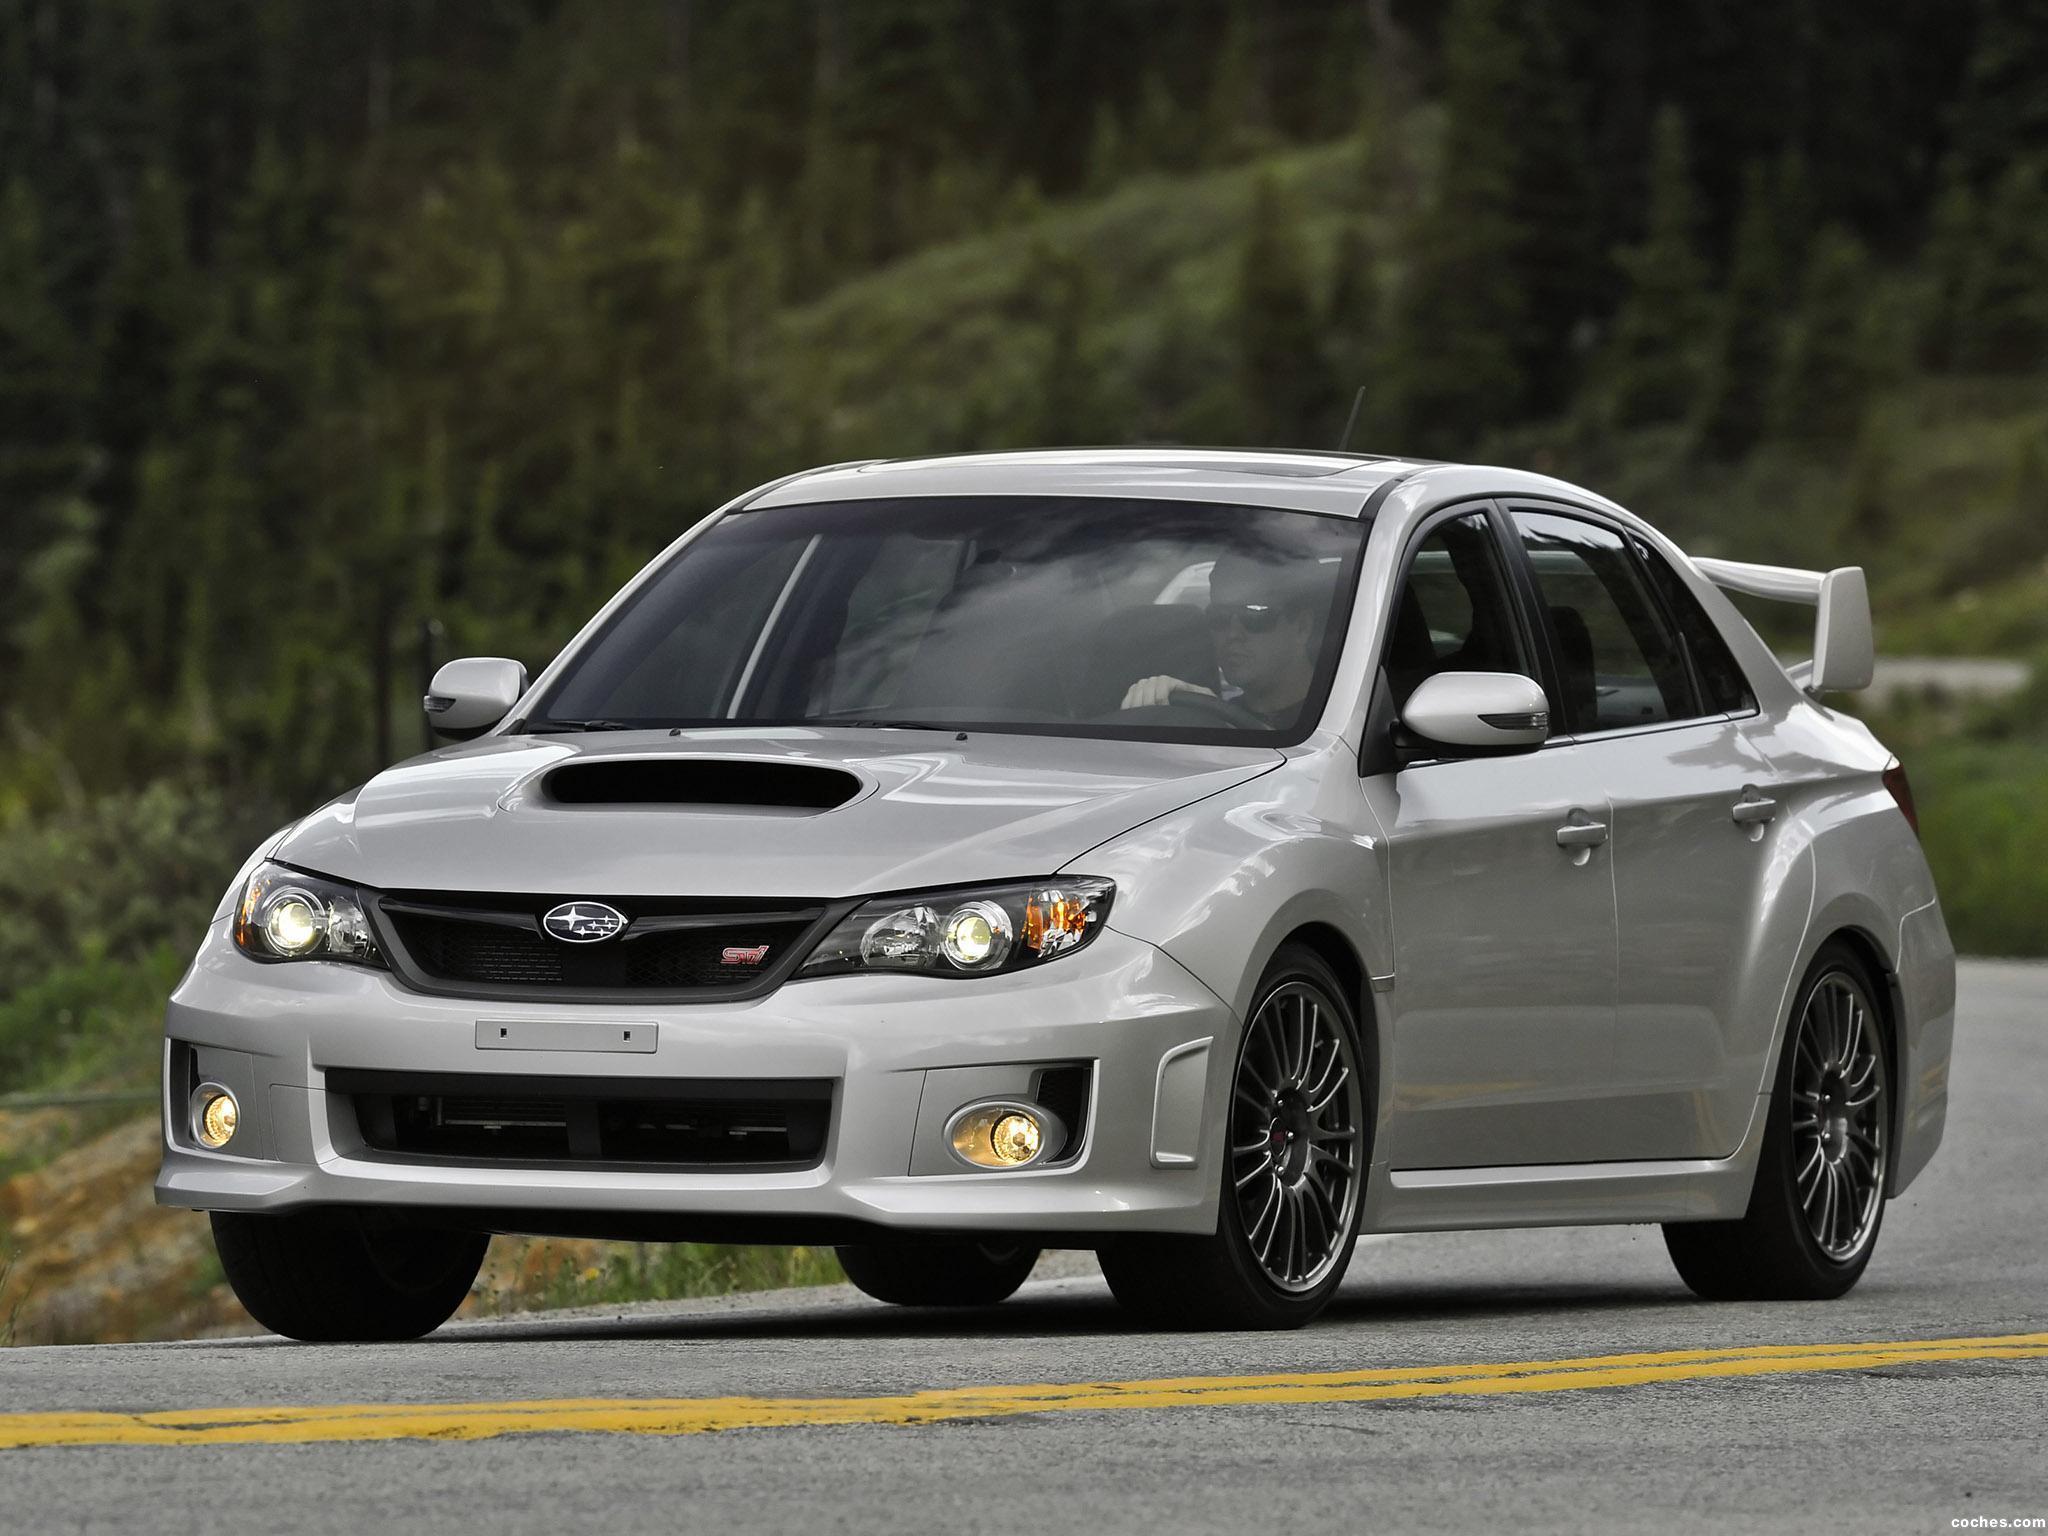 Foto 21 de Subaru Impreza WRX STi Sedan USA 2010